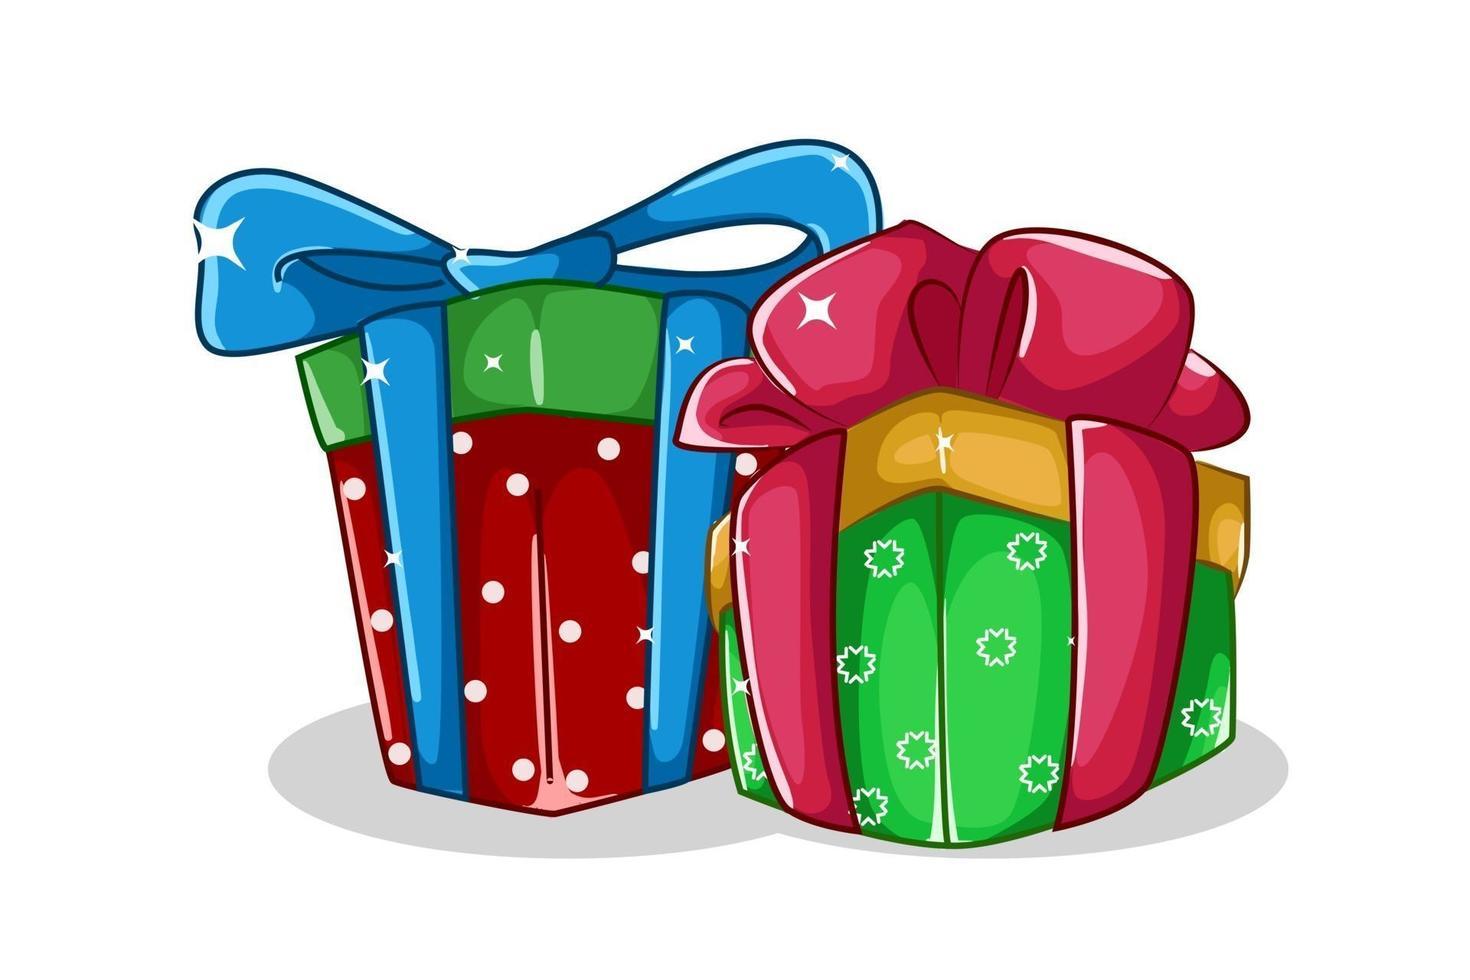 zwei Weihnachtsgeschenkthemaillustration vektor